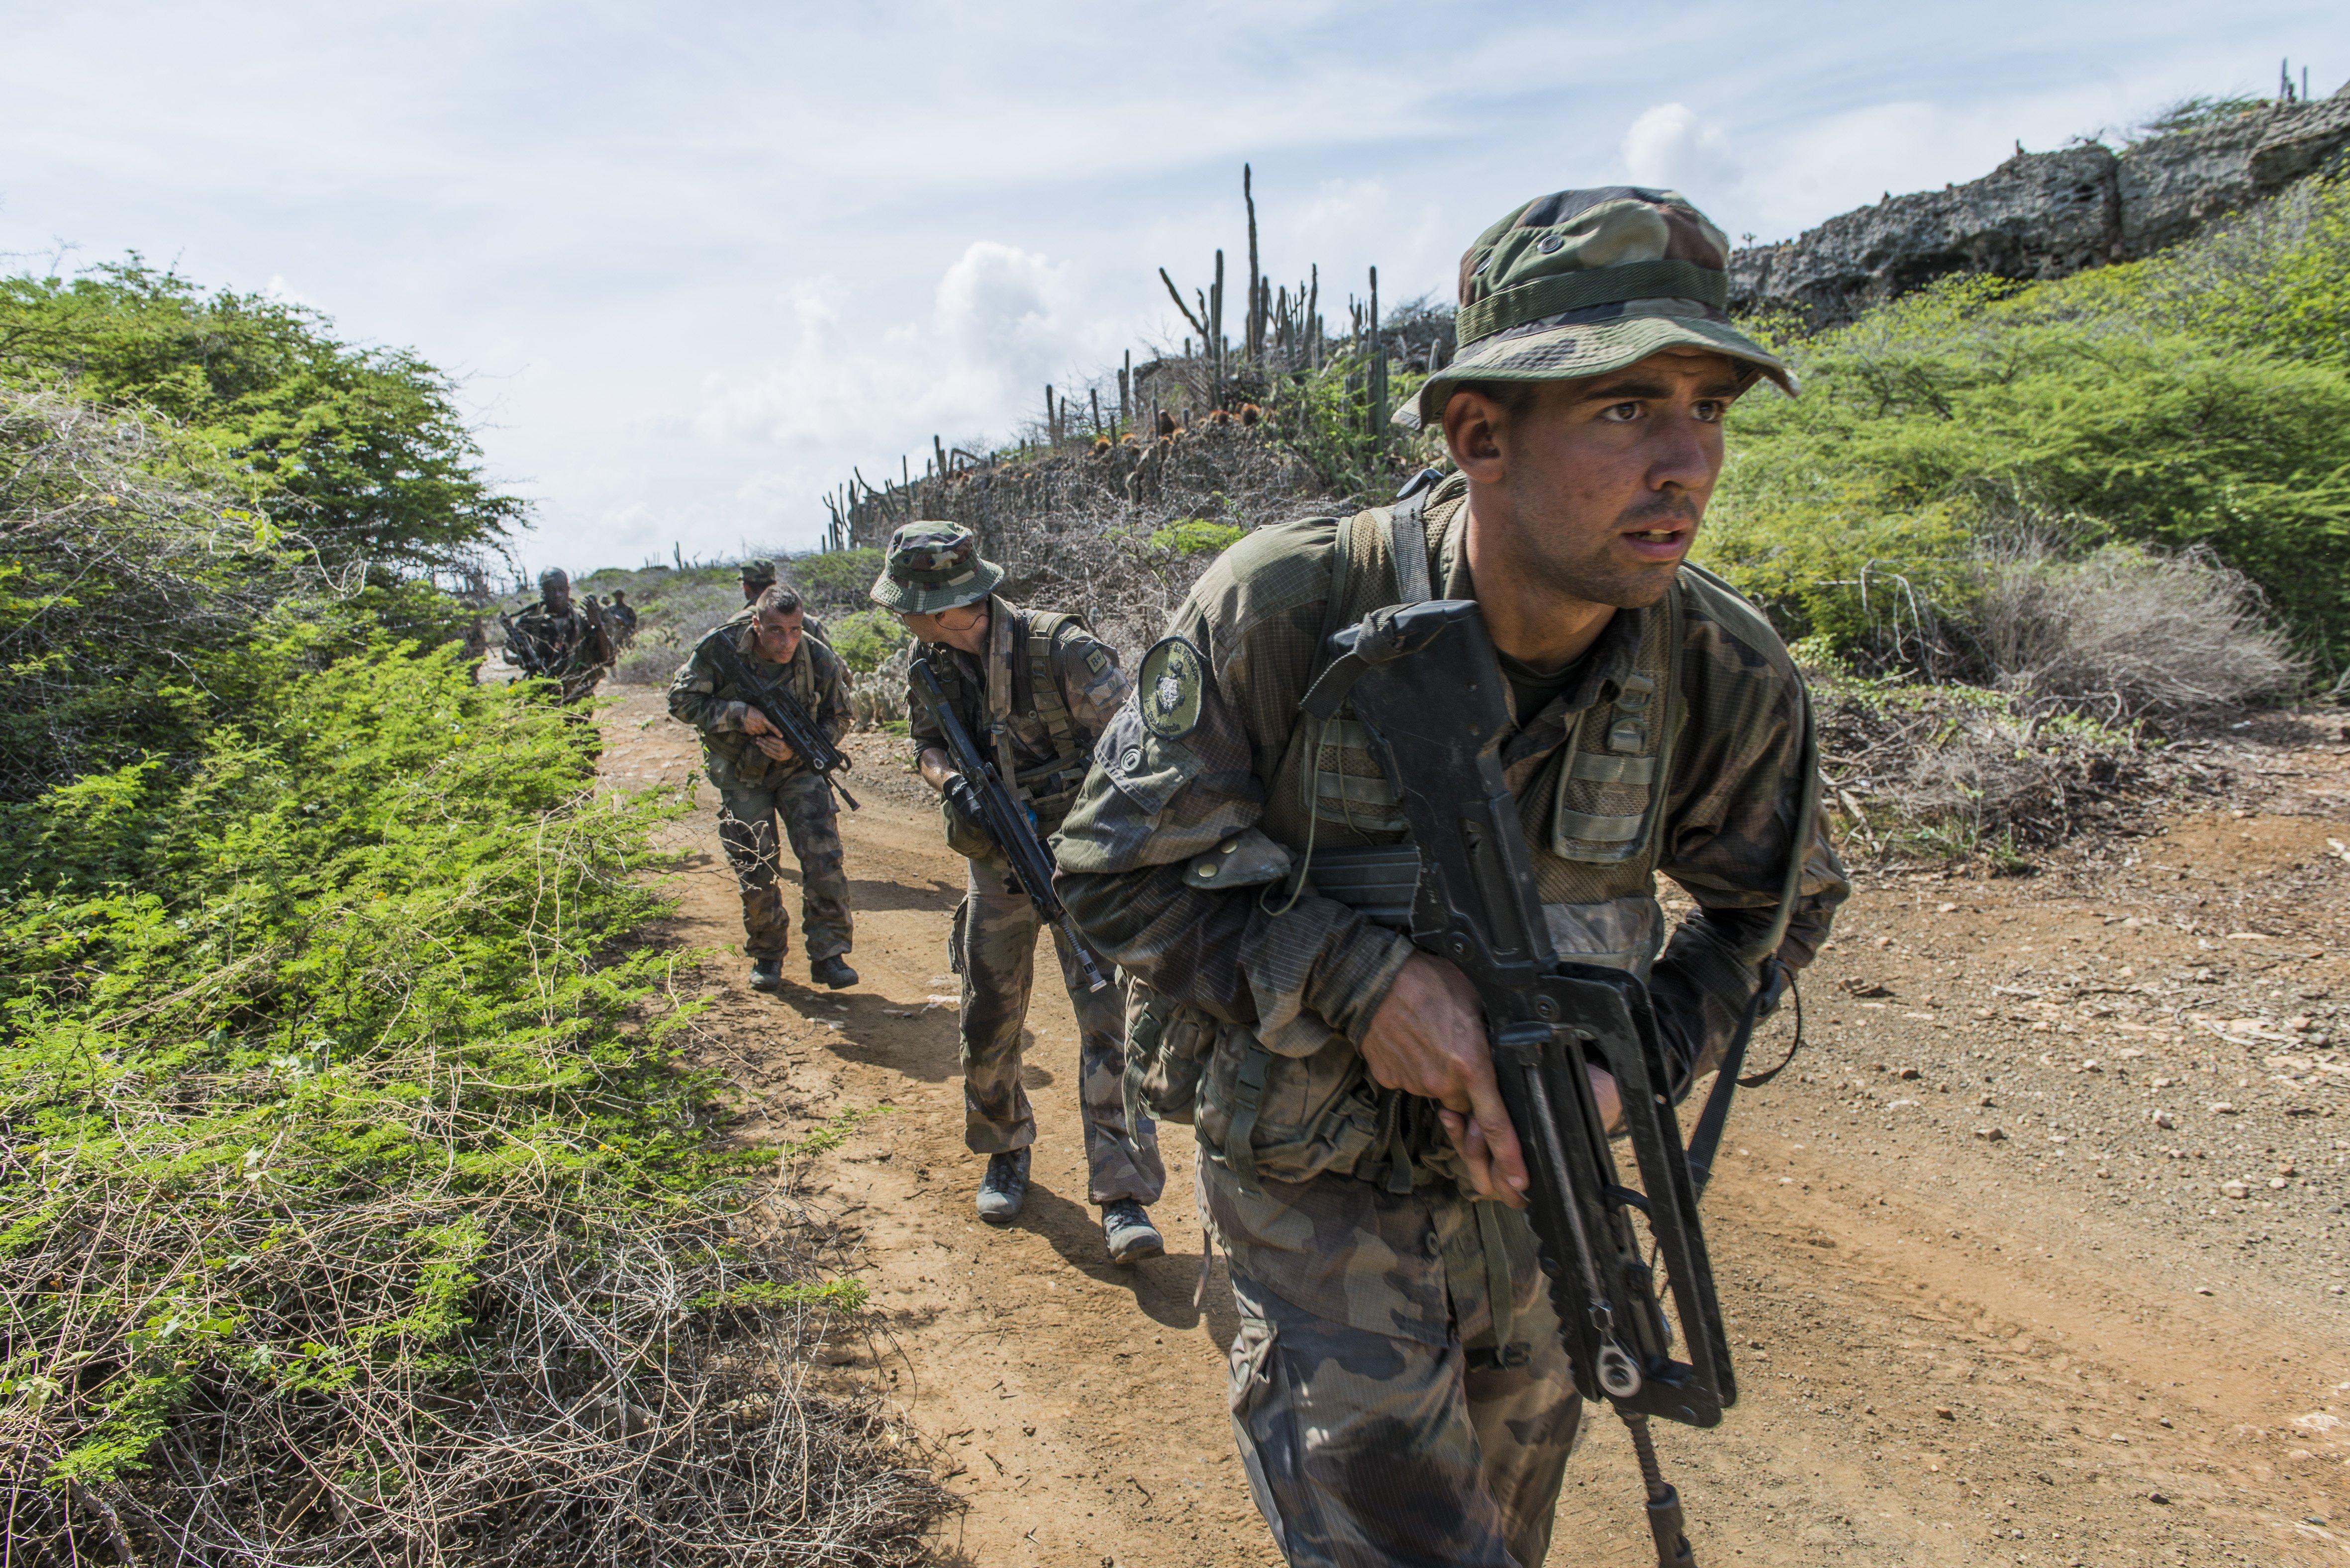 Entraînement opérationnel Tricolores 2014 conduit à Curaçao